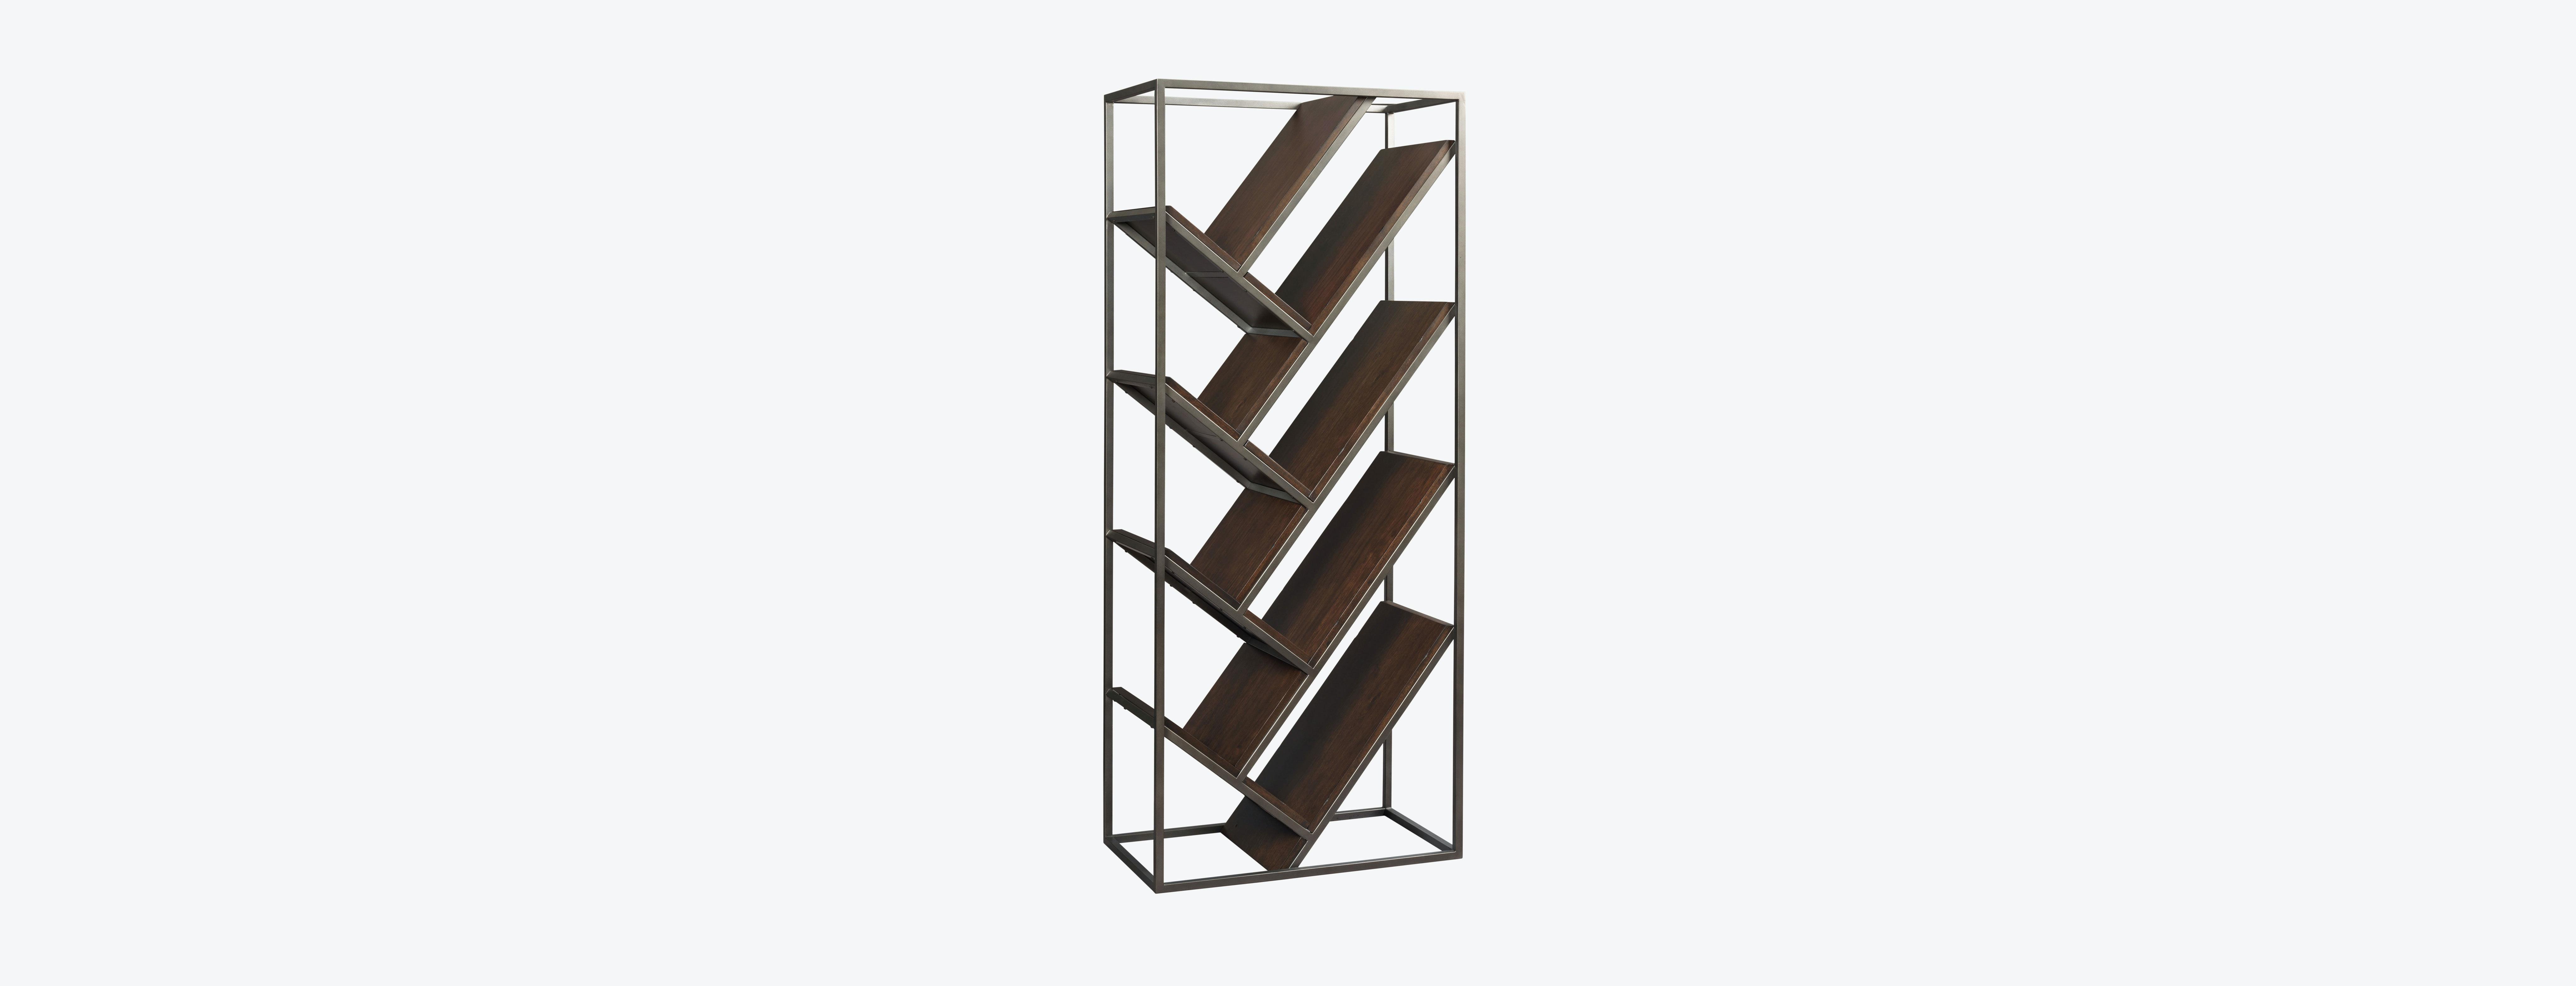 Echo Bookcase